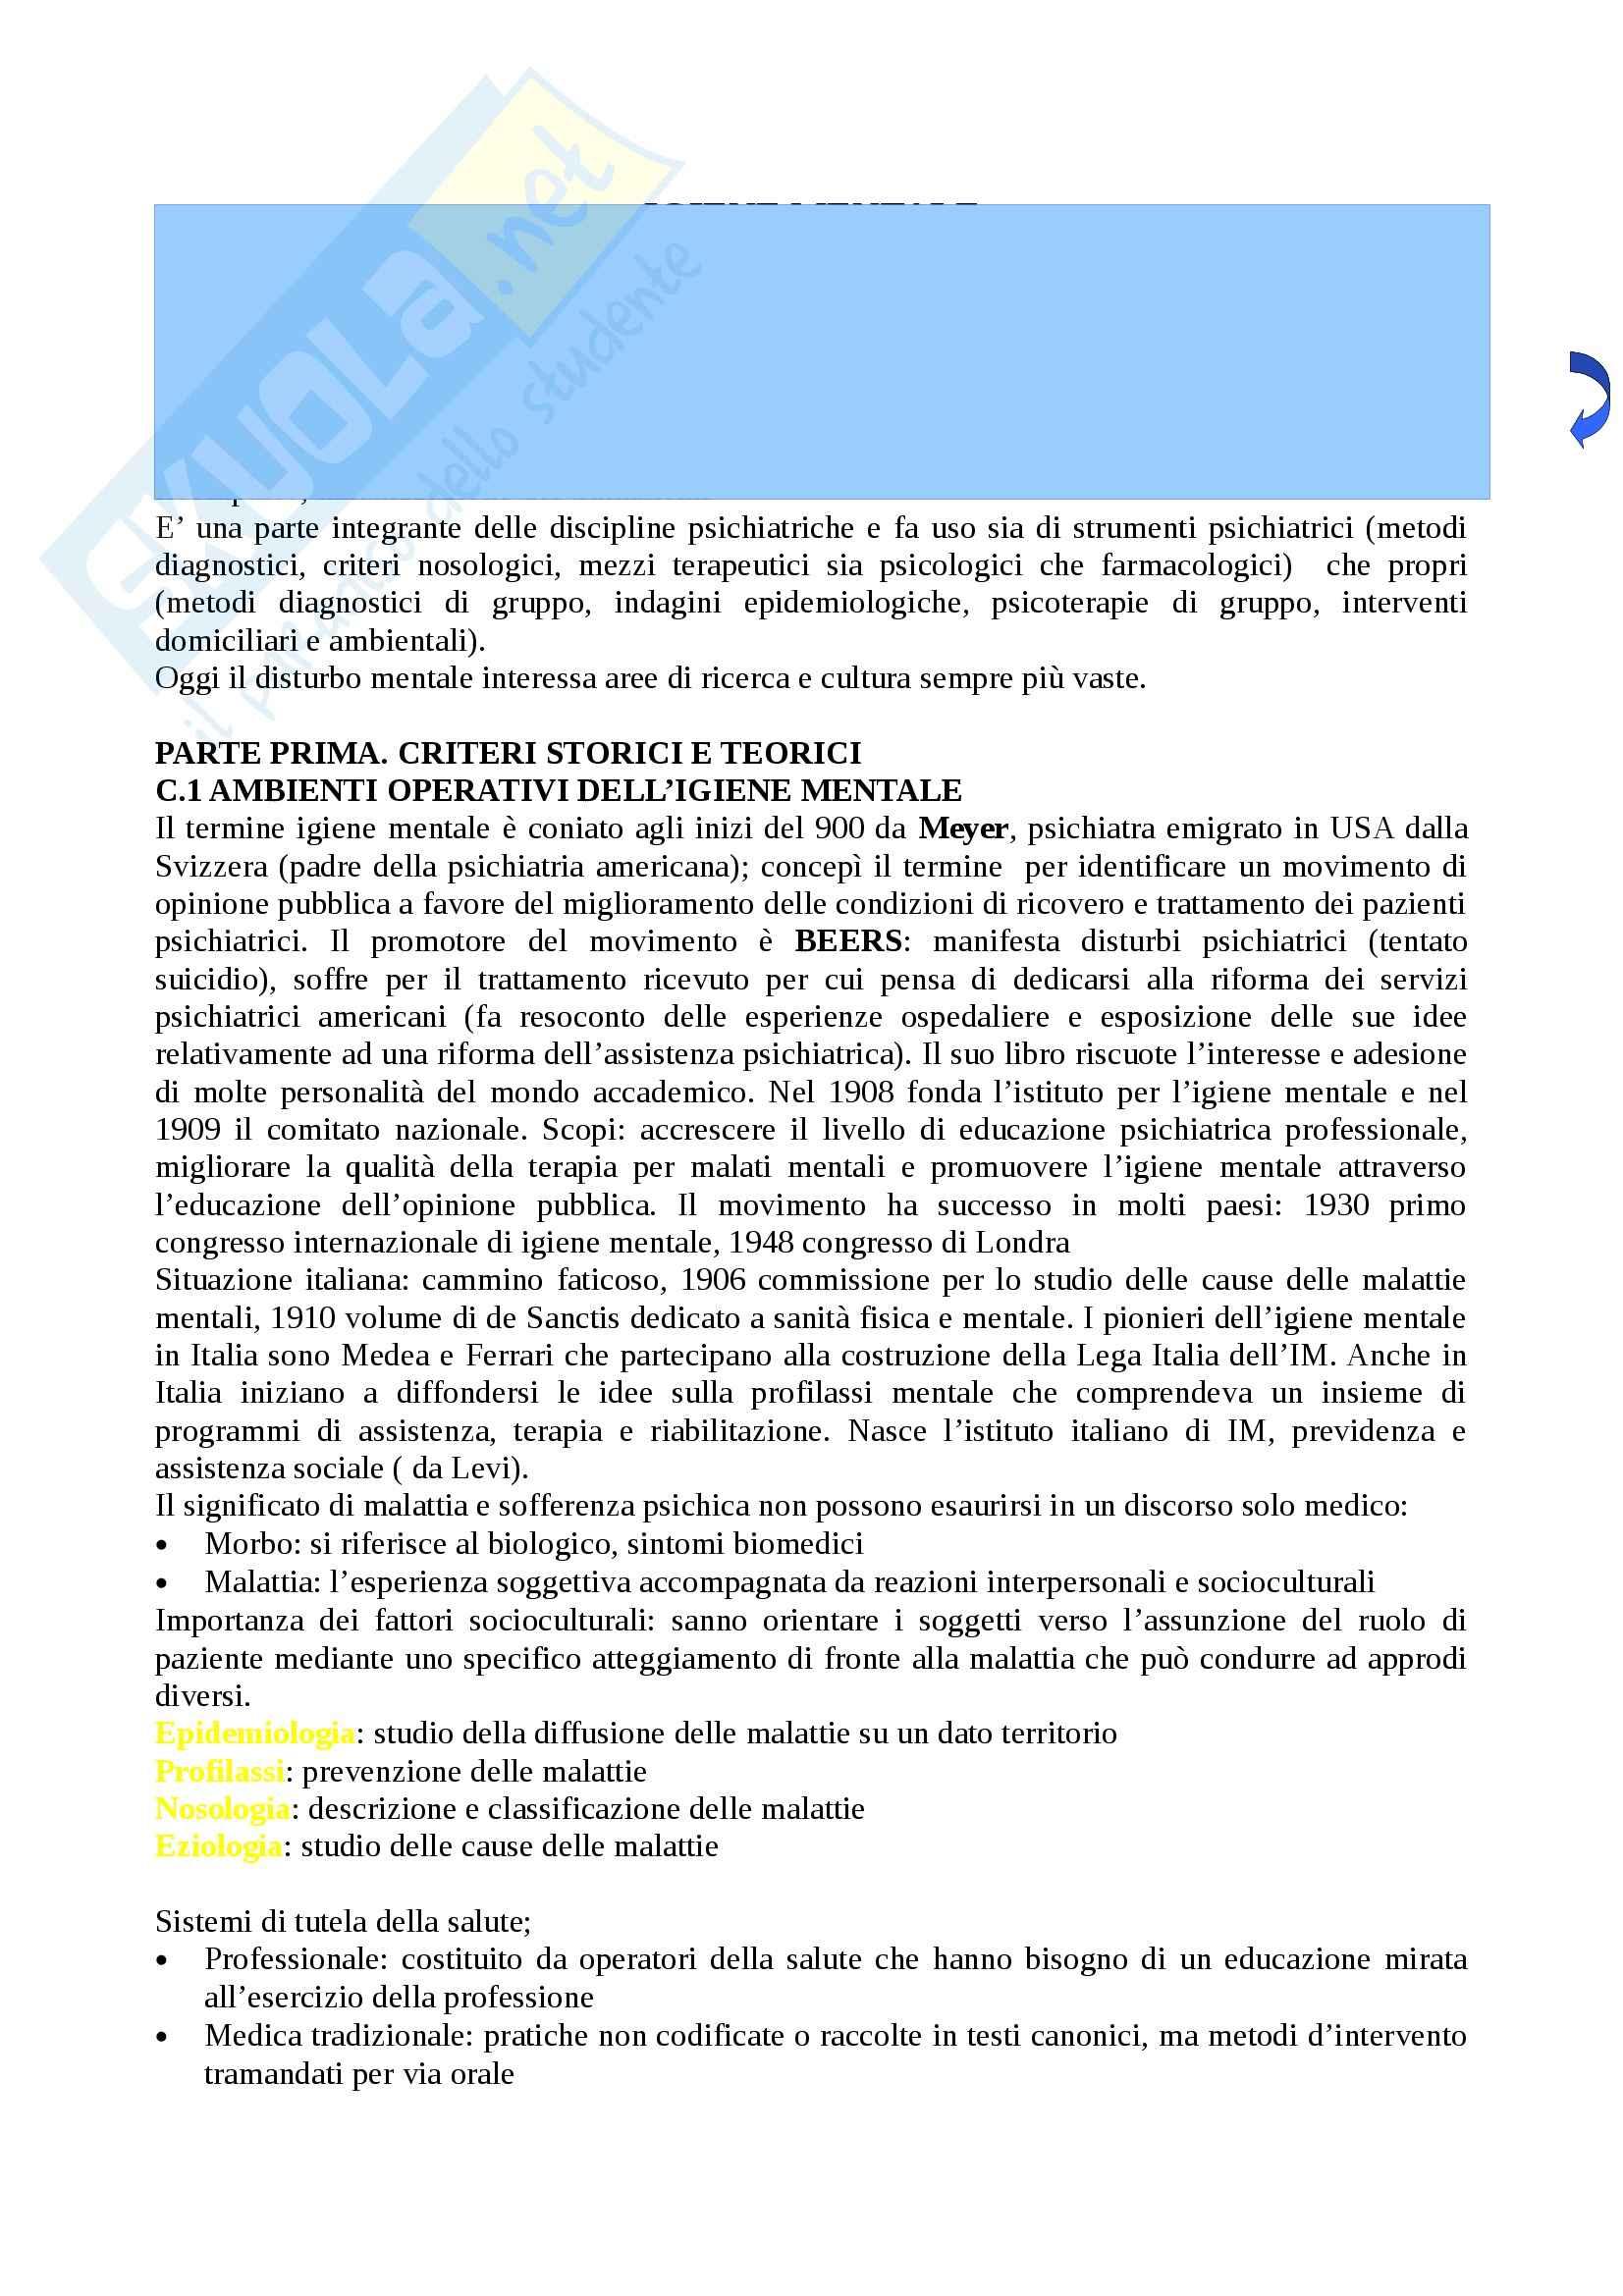 Riassunto esame Igiene, prof. Marocco, libro consigliato Igiene mentale, Rossi, Cartelli, Bucca